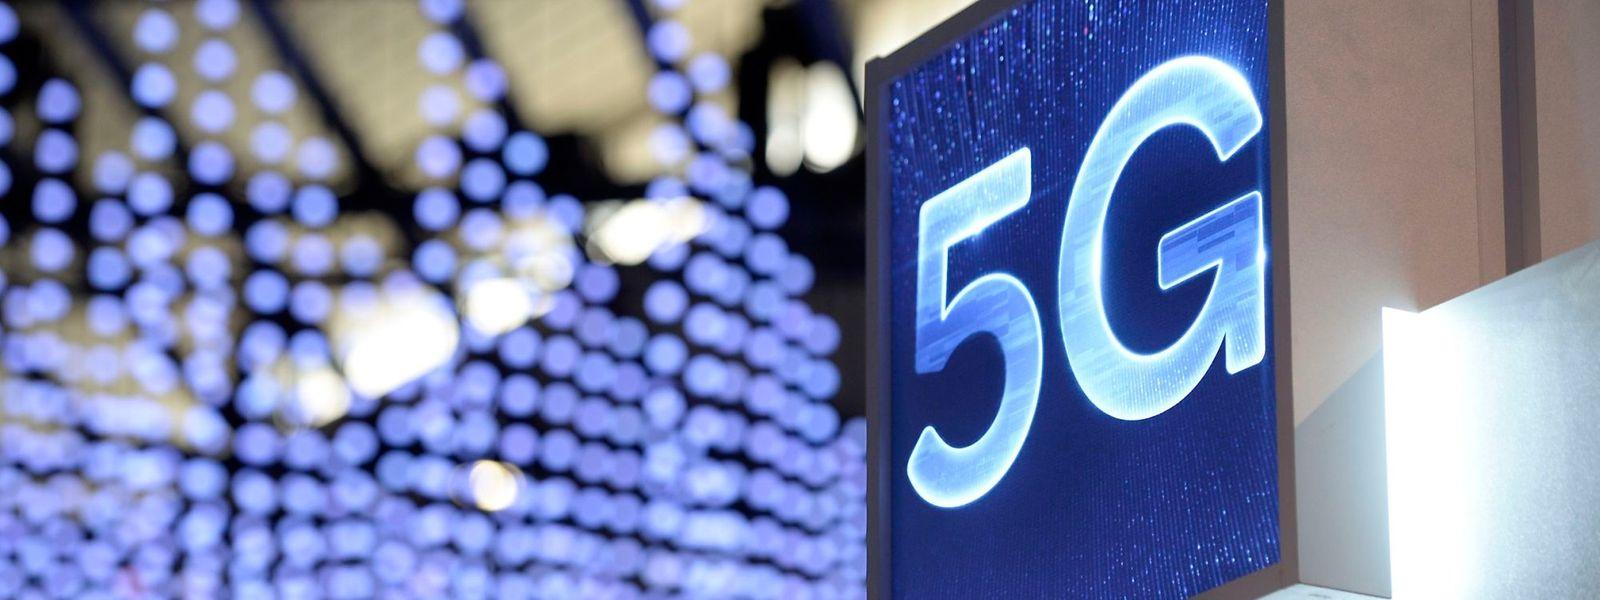 La 5G permettra d'envoyer une information d'un appareil à un autre en quelques millisecondes.Et a déjà rapporté 41,3 millions d'euros à l'Etat, pour la seule vente des fréquences.